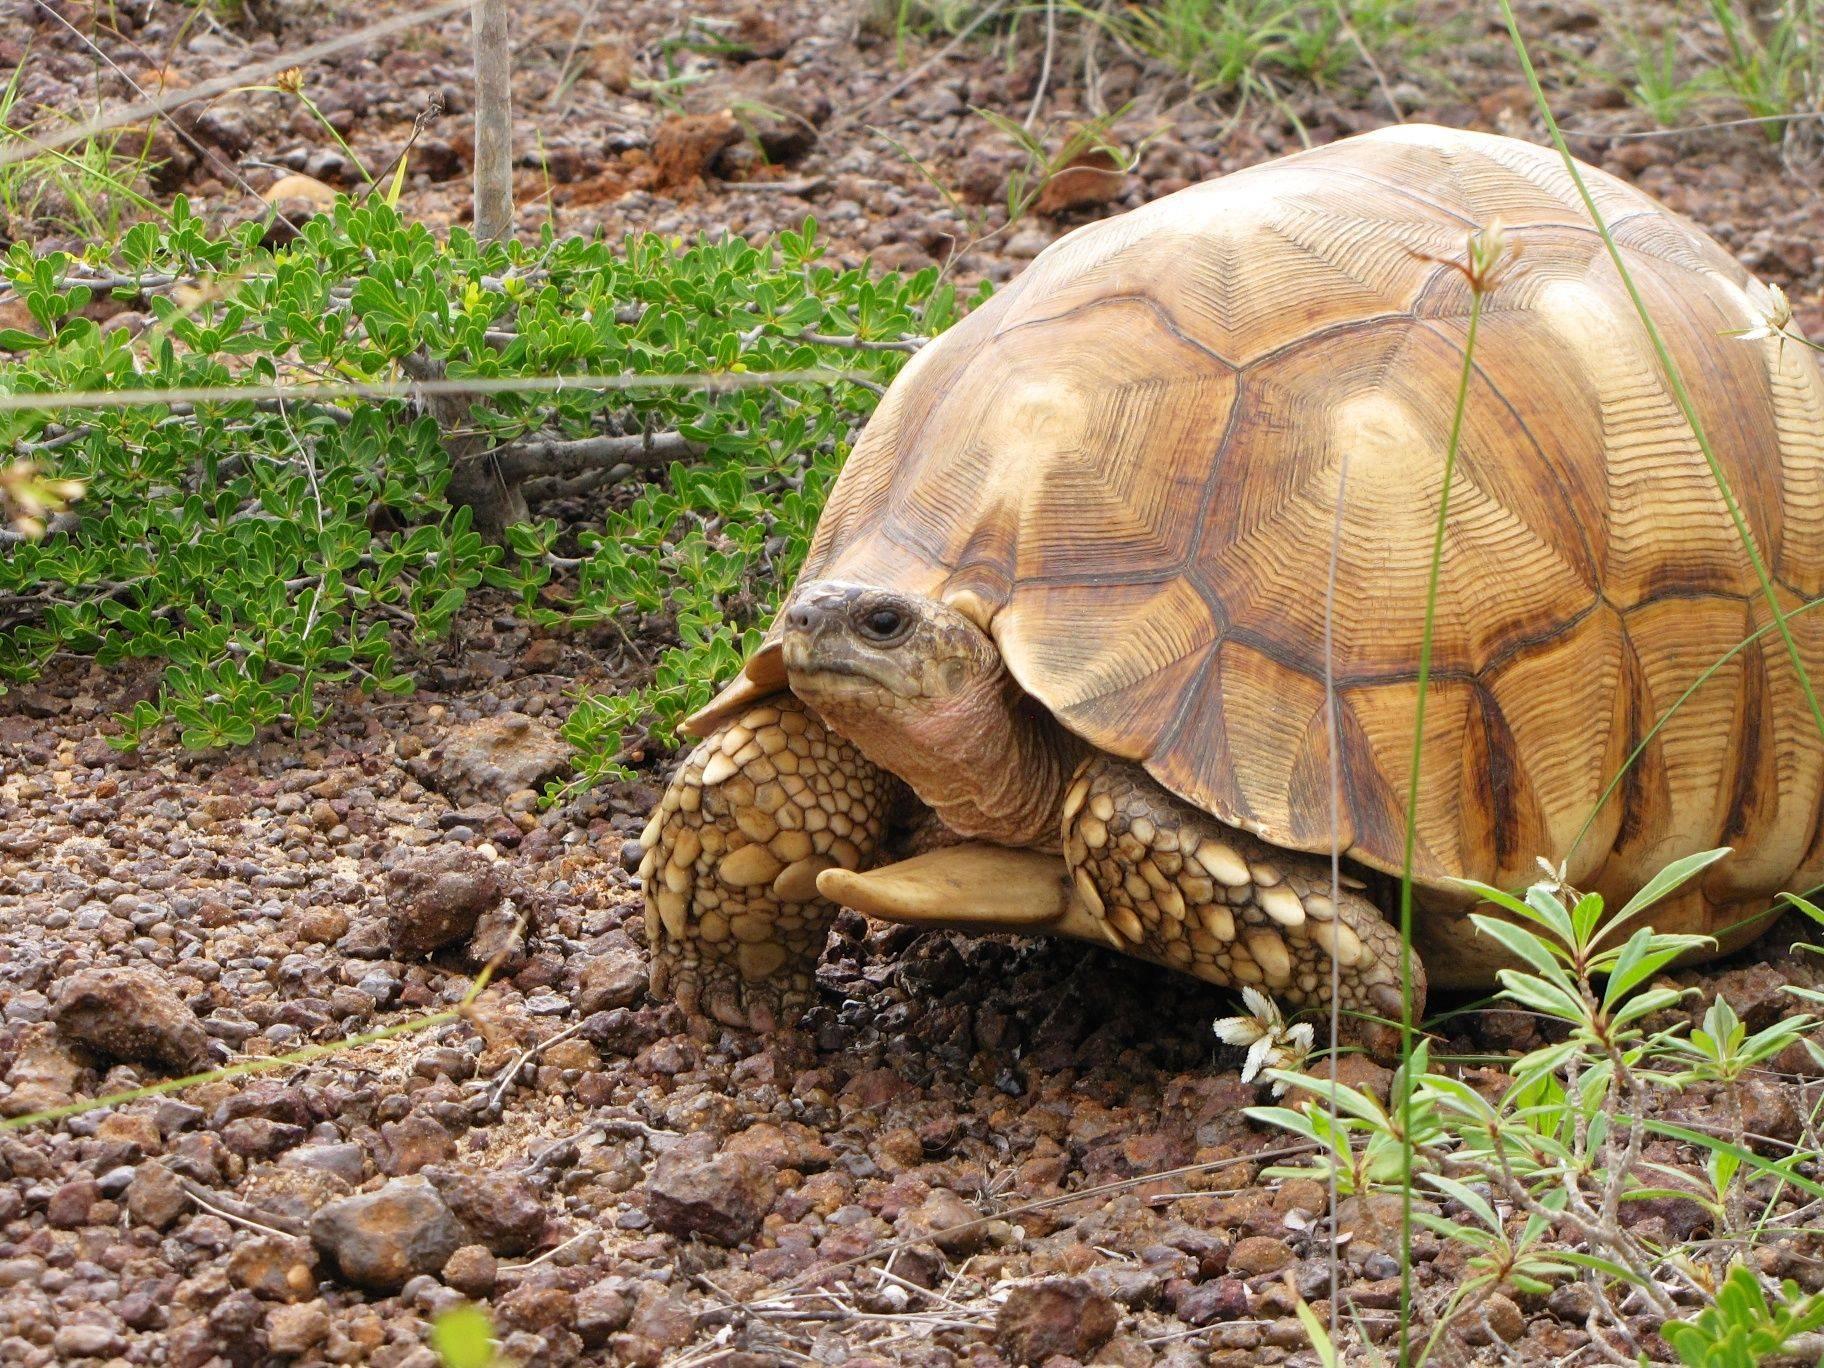 Мадагаскарская клювогрудая черепаха — википедия